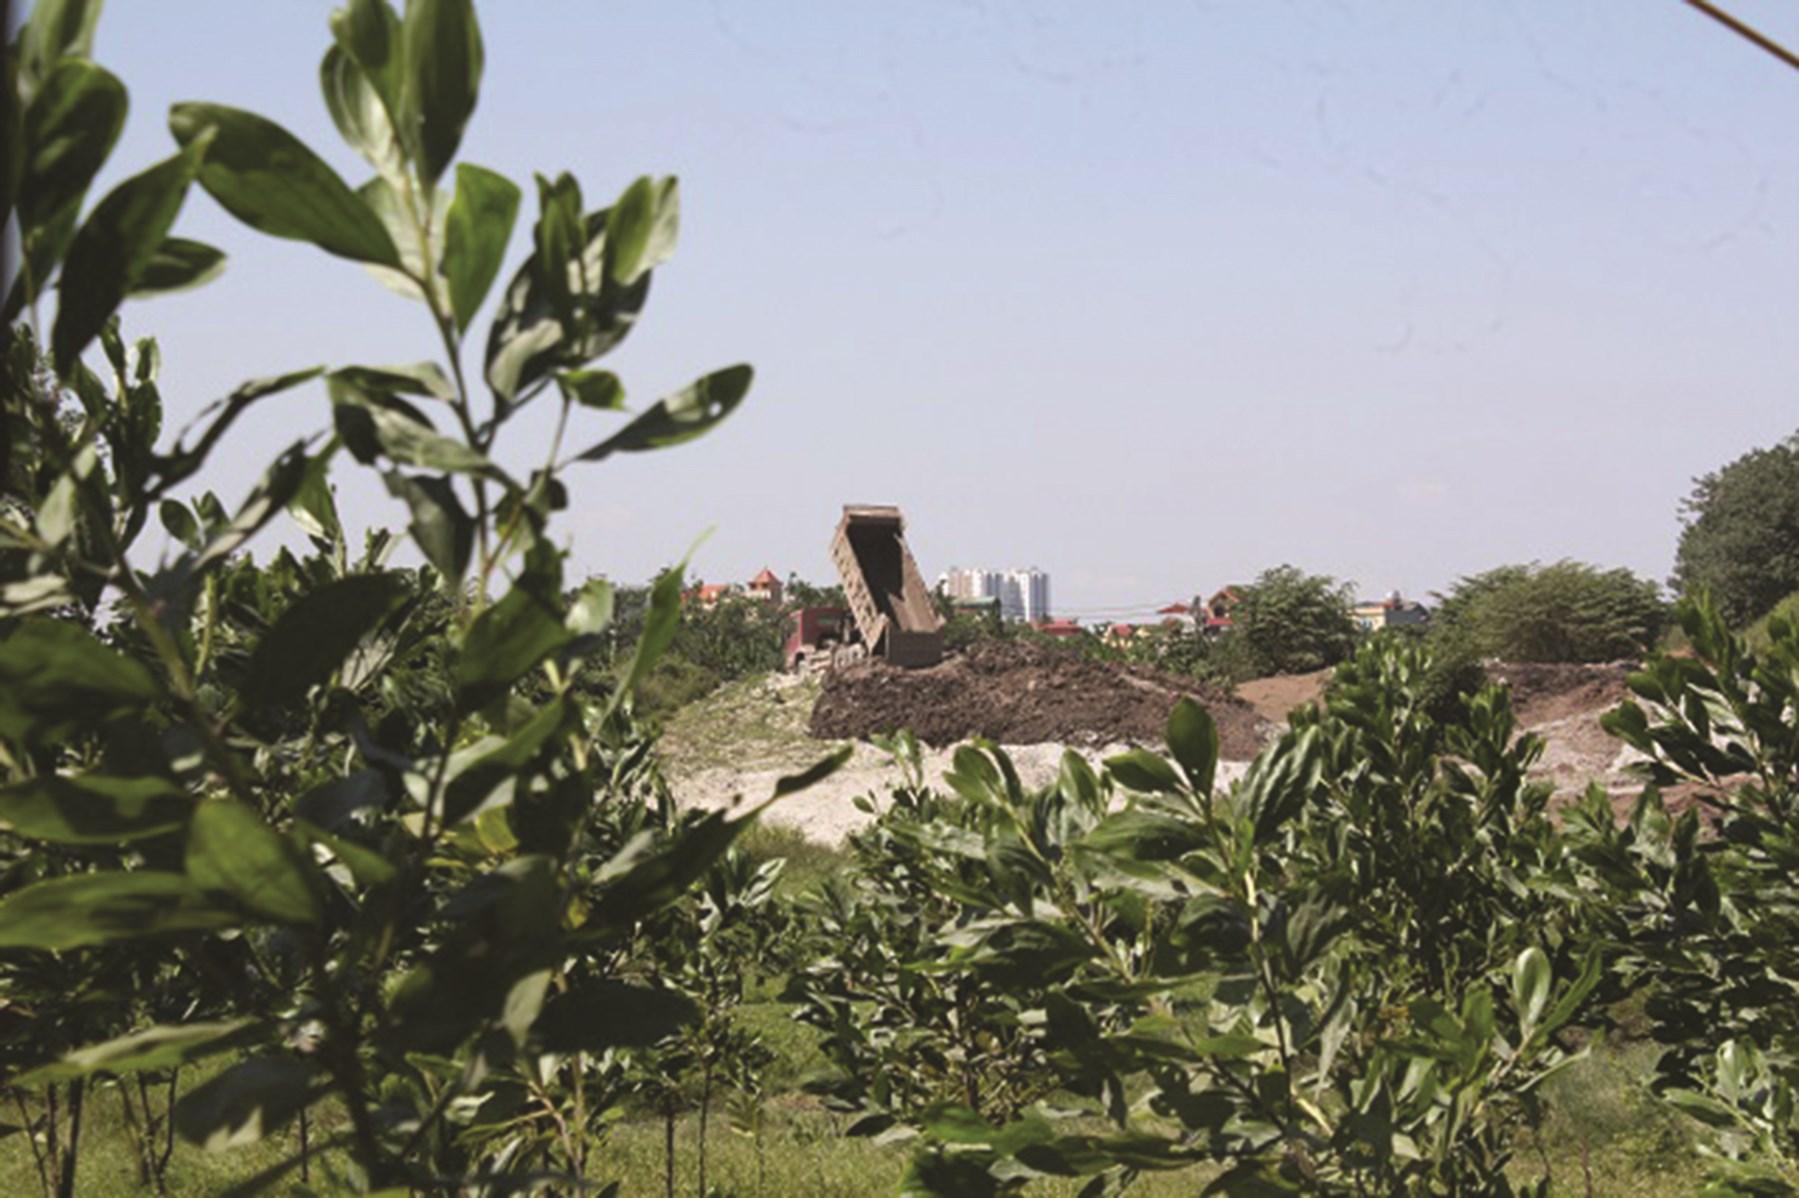 Bãi đất phía sau trường bắn phường Yên Sở đang bị xâm hại nghiêm trọng.